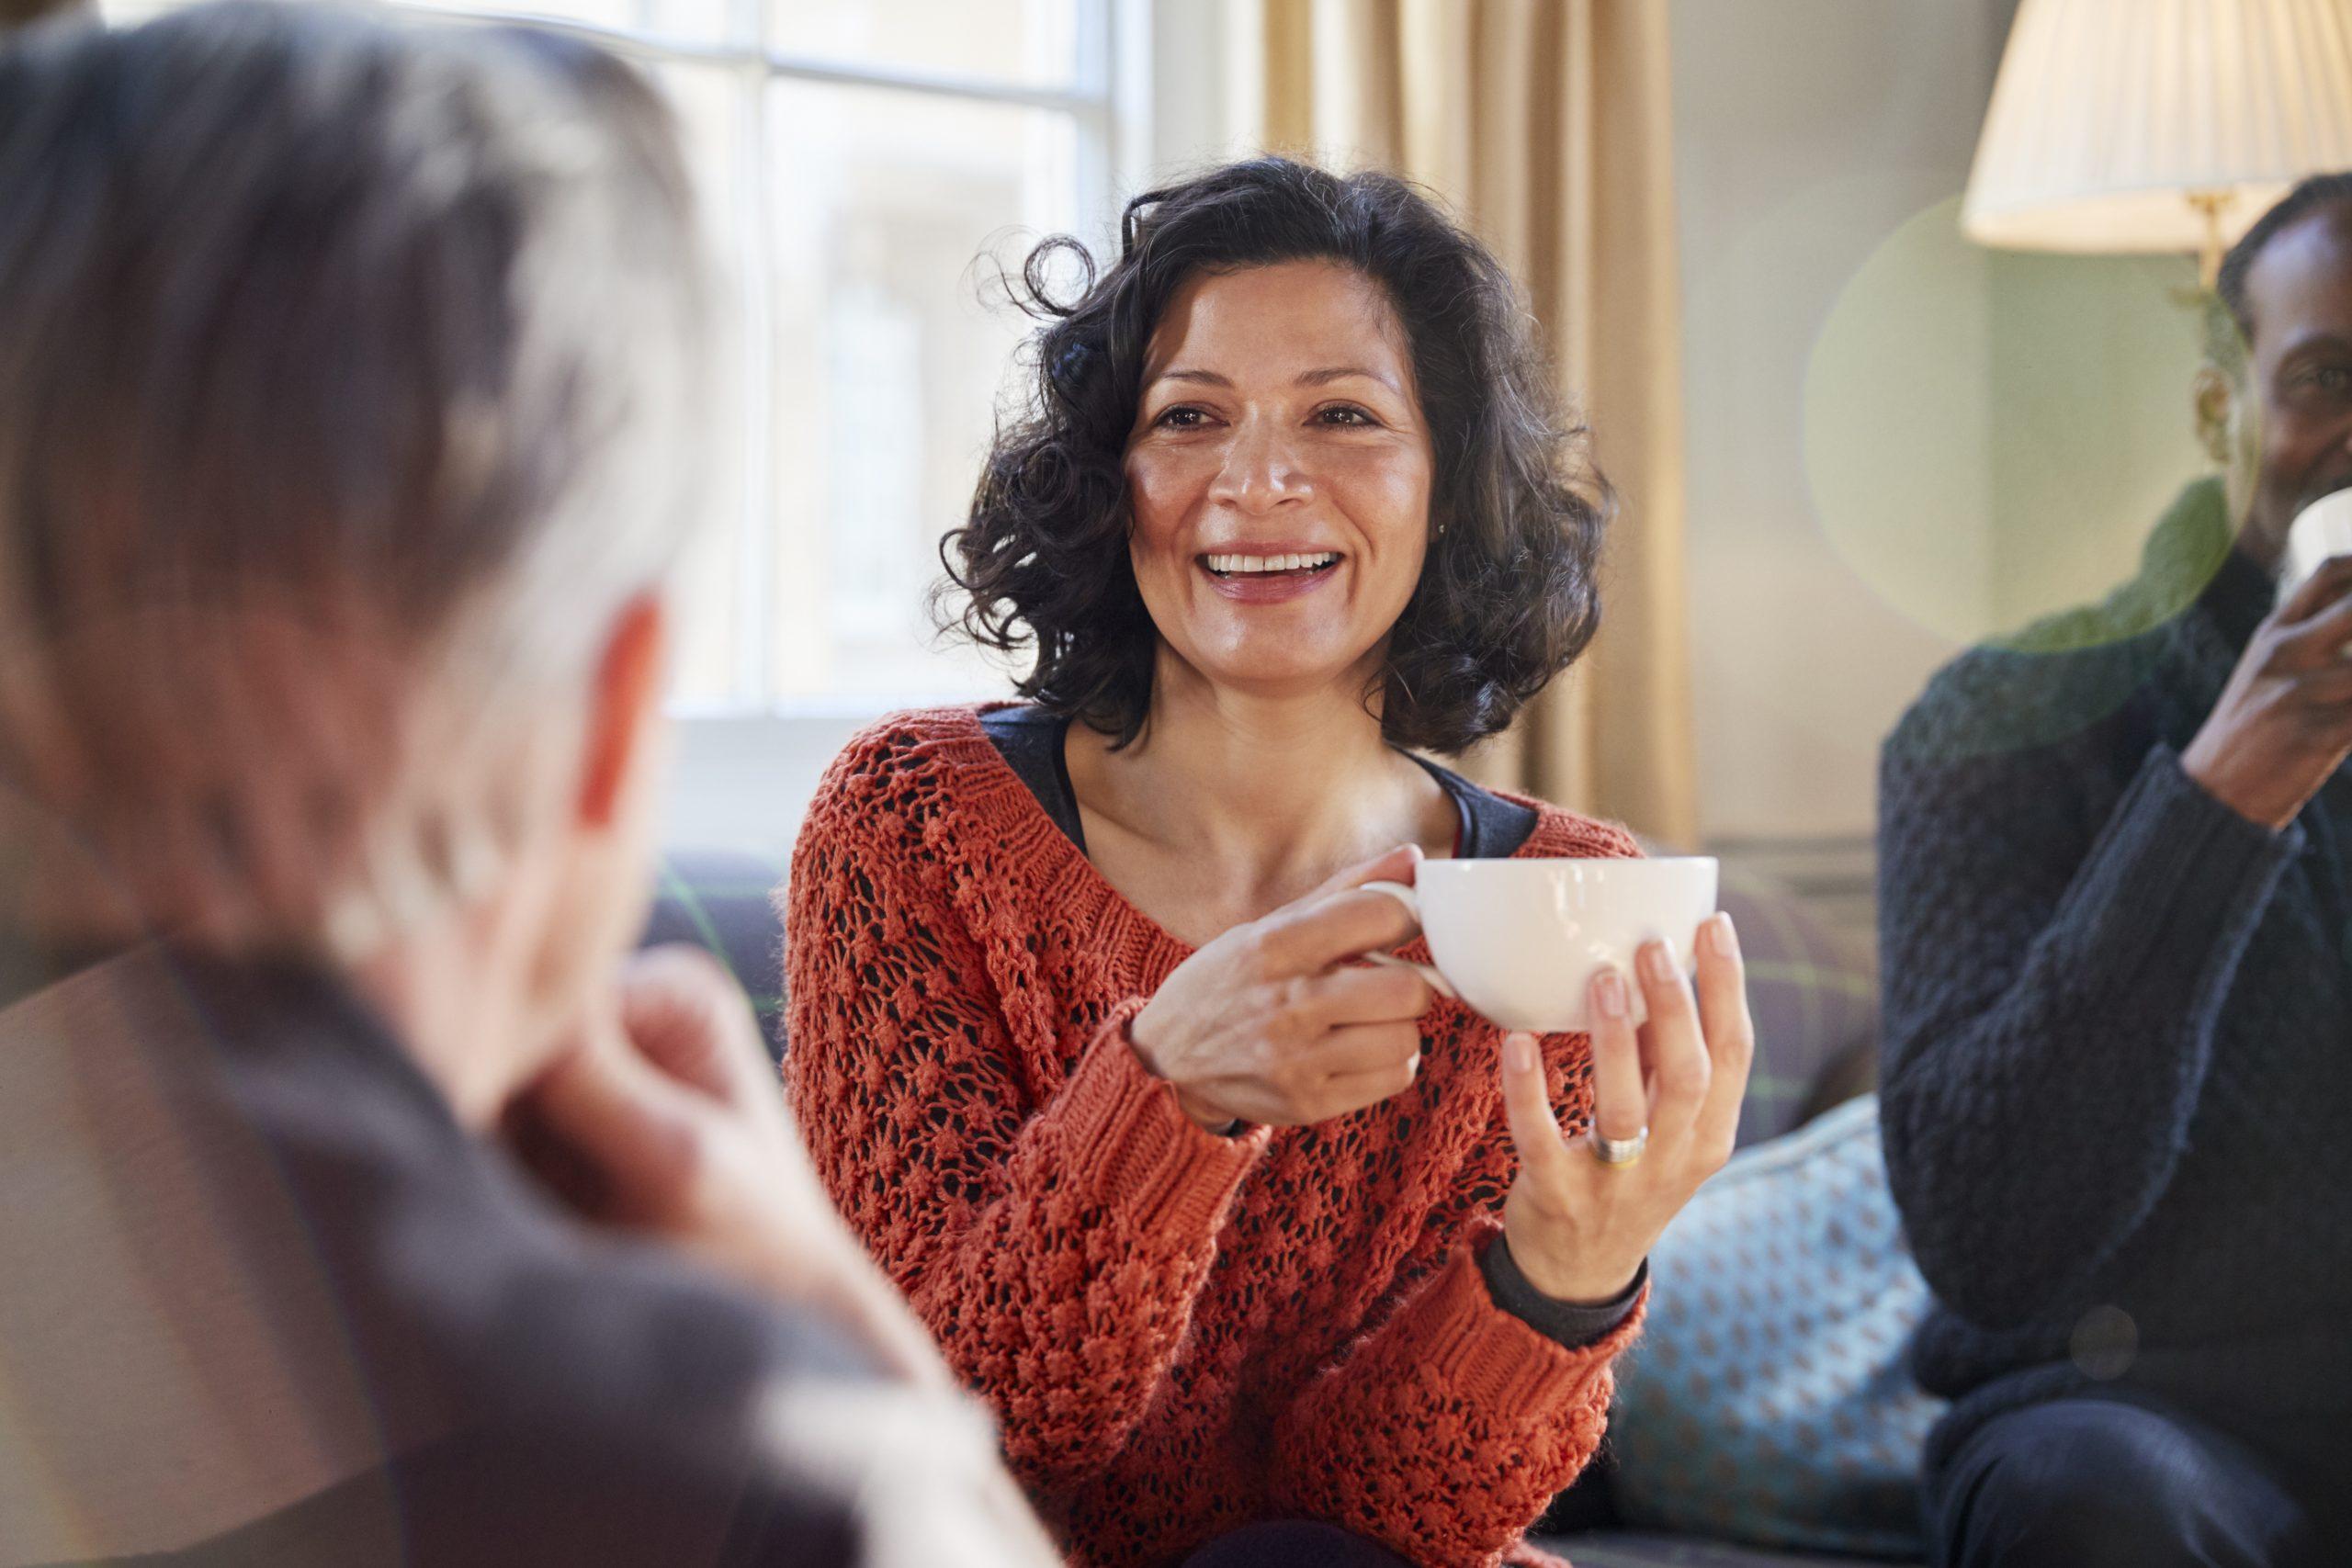 Frau mittleren Alters genießt einen Tee mit Freunden und freut sich, dass sie dank Iberogast® Advance keine Magen-Darm-Beschwerden hat.